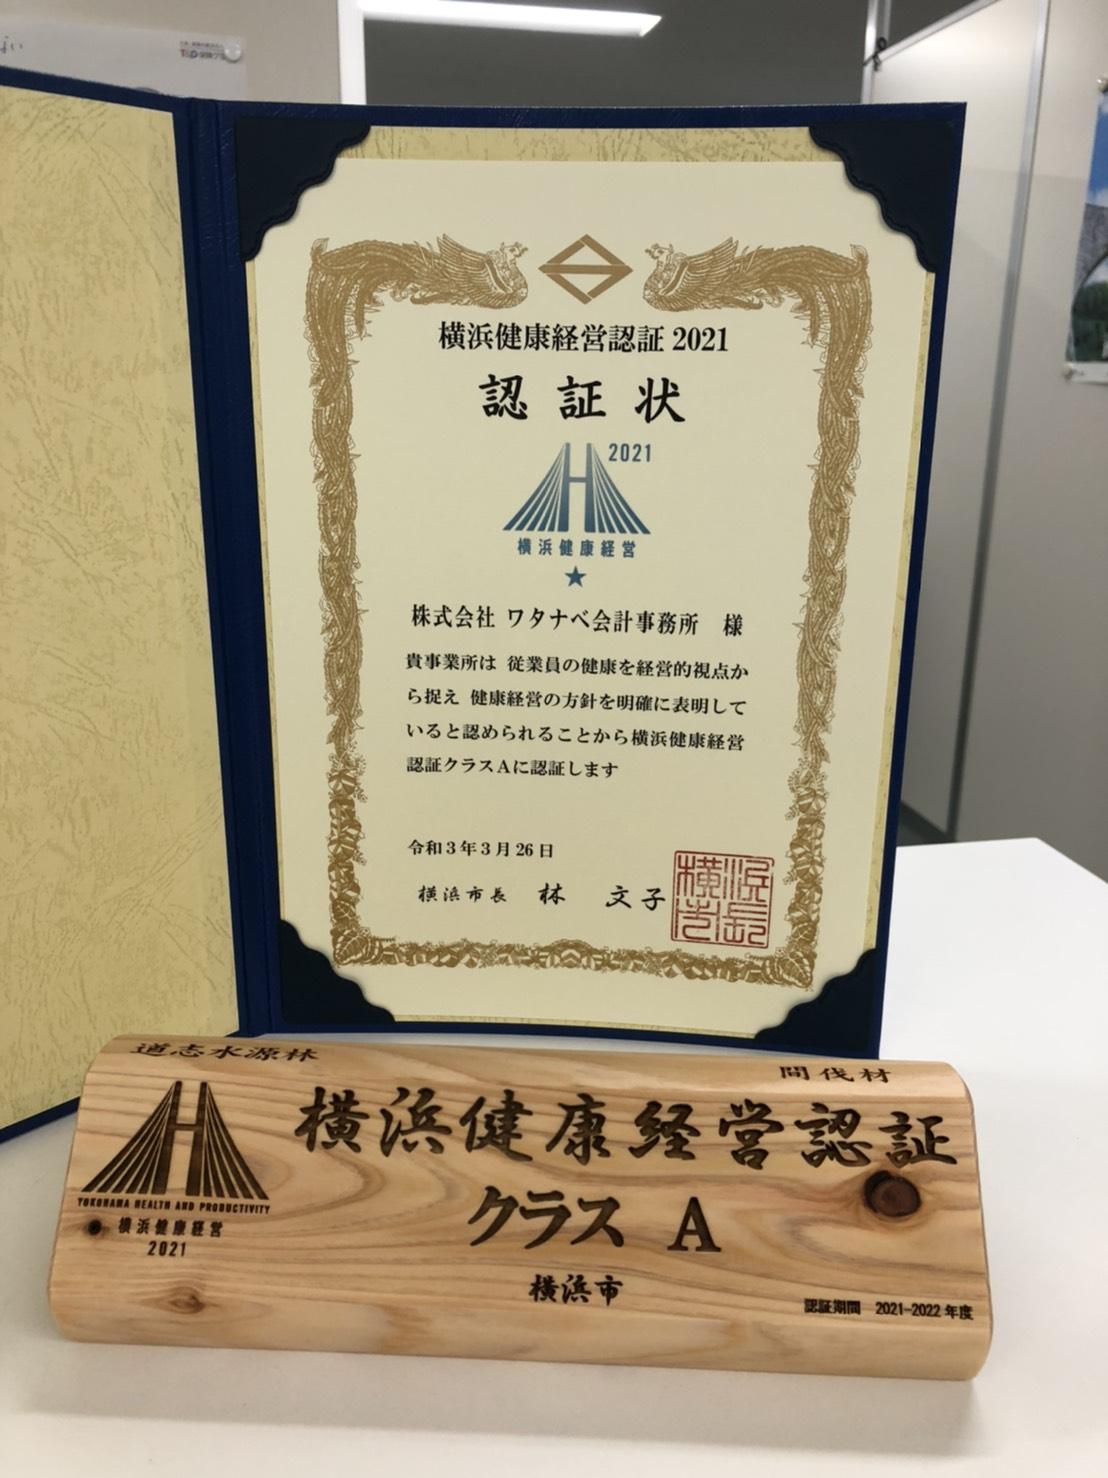 横浜健康経営認証2021認証状